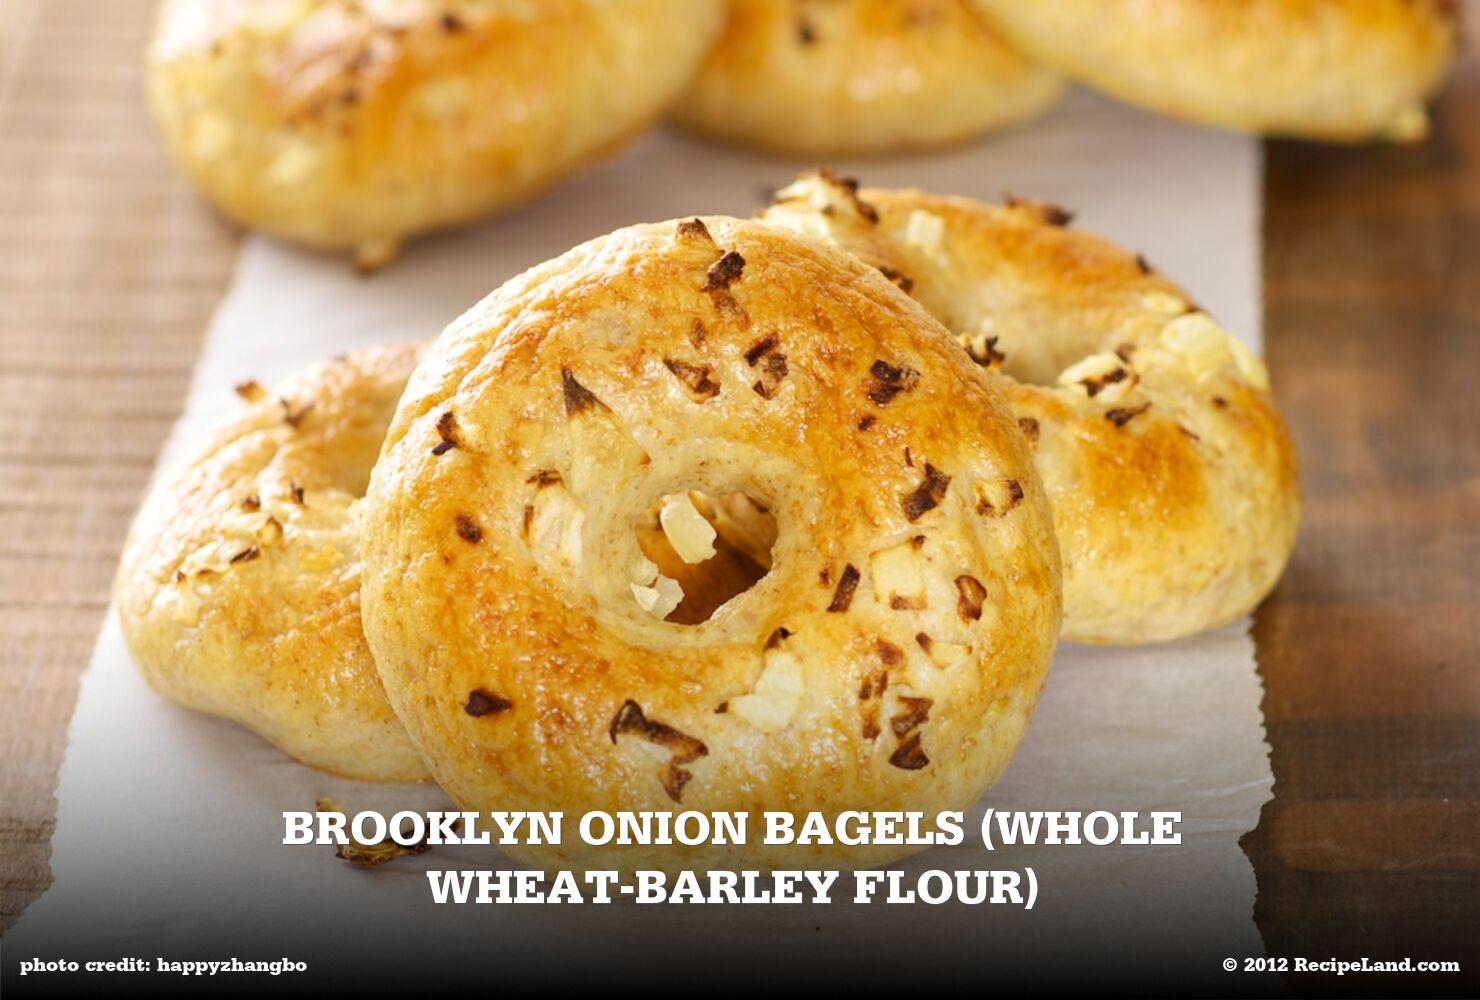 Brooklyn Onion Bagels (Whole Wheat-Barley Flour)